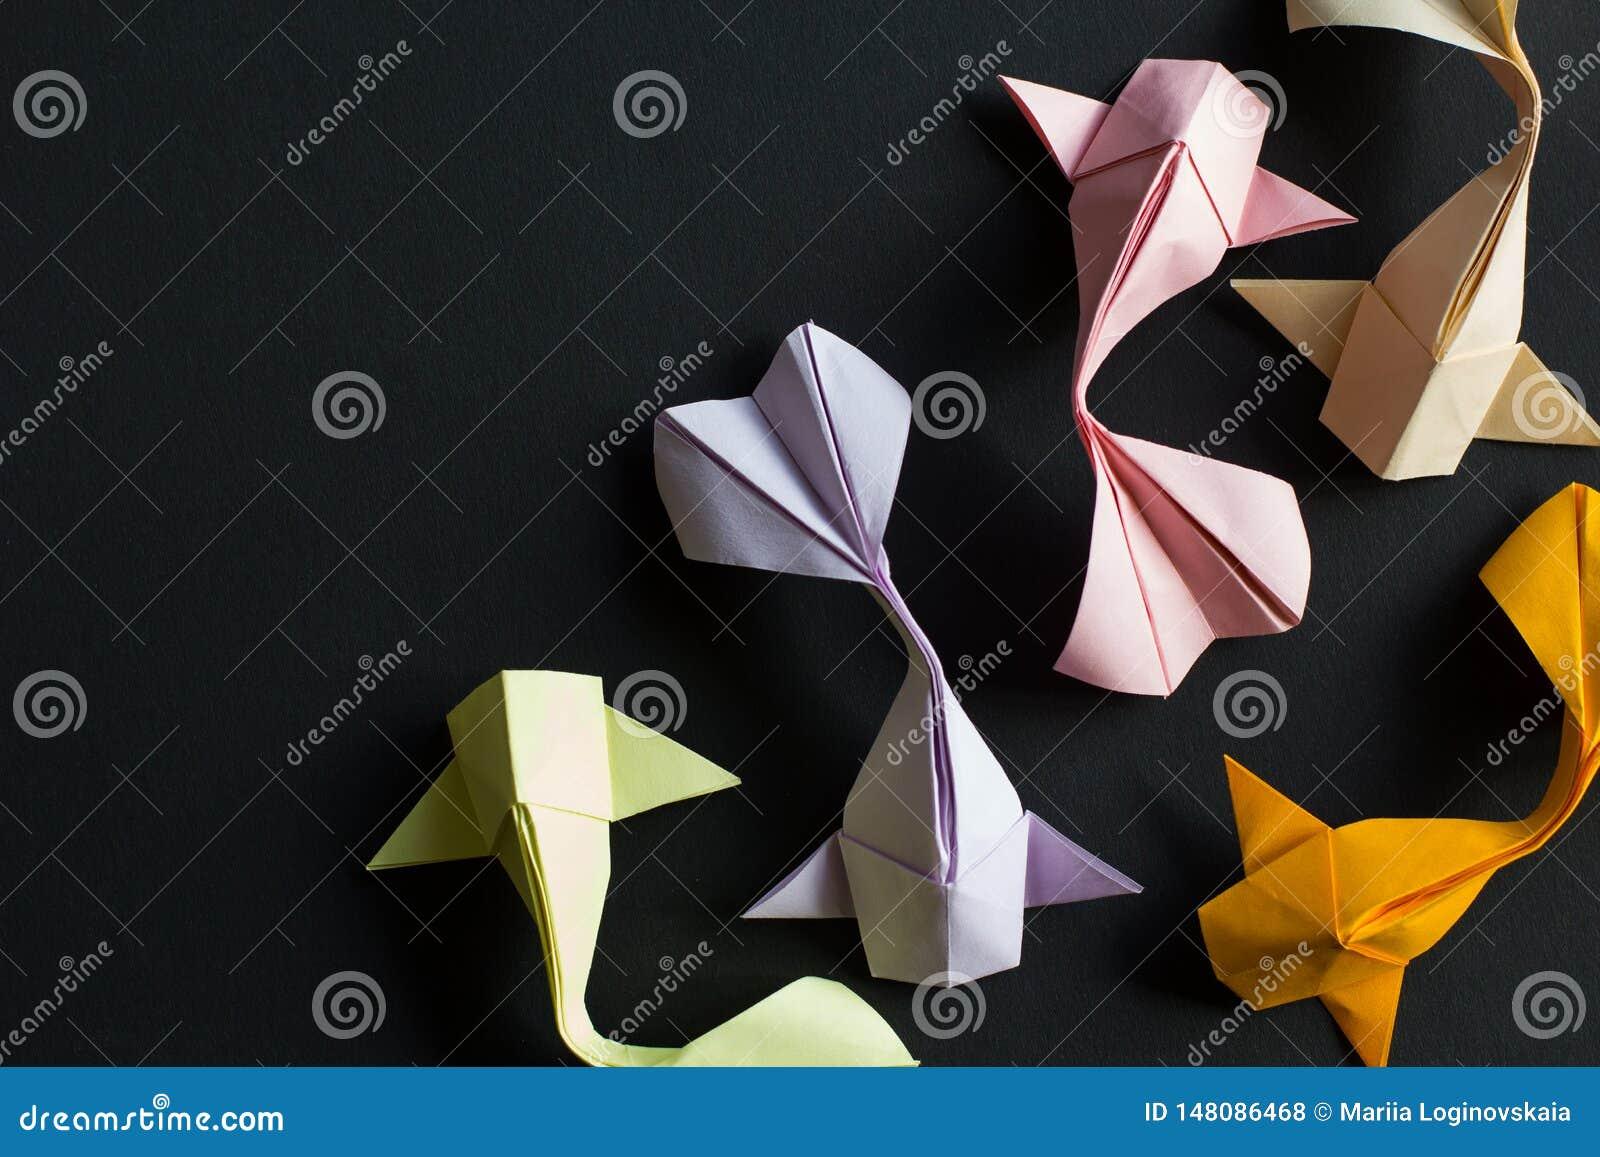 Handmade Paper Craft Origami Gold Yellow Pink Koi Carp